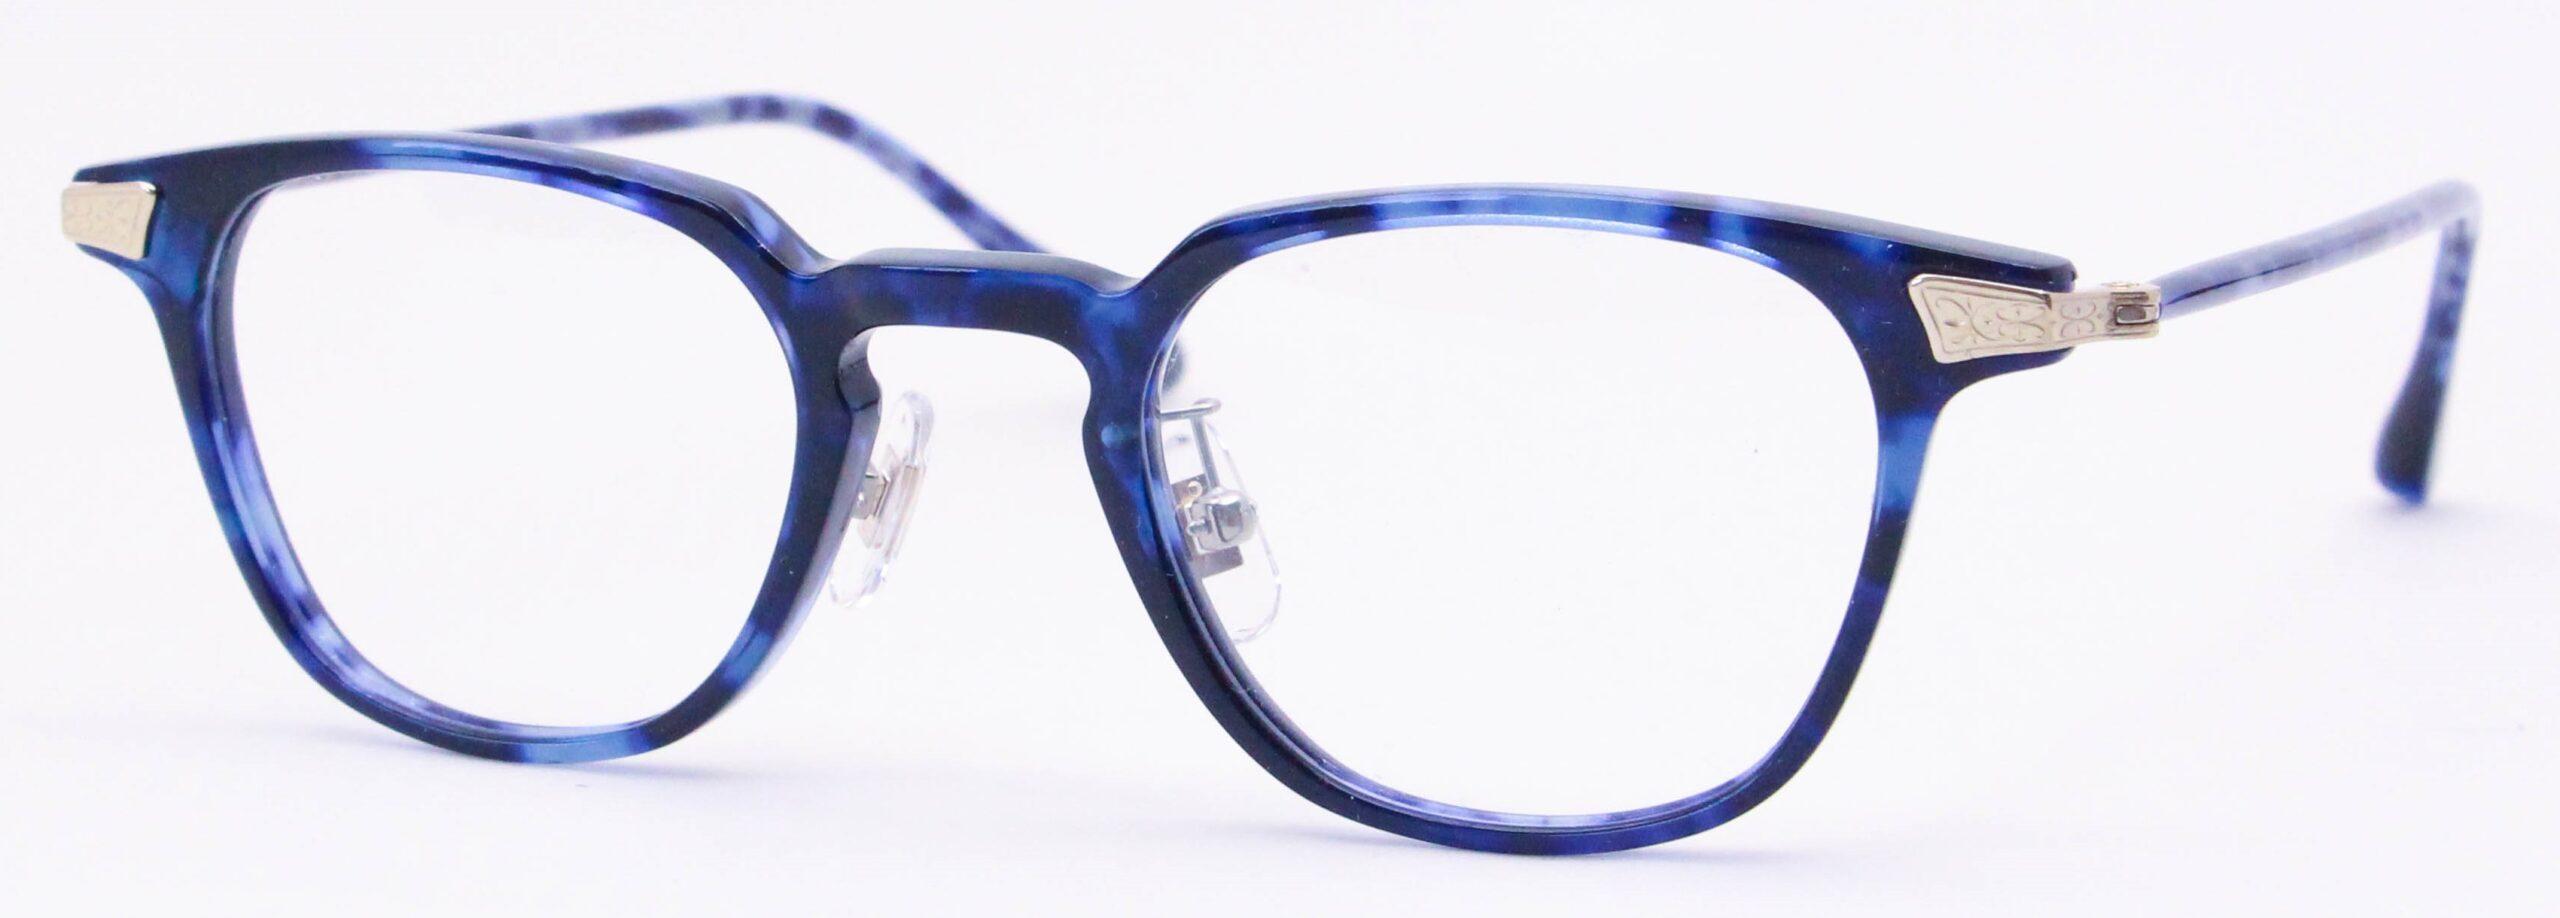 眼鏡のカラータイプC-3 Blue-Tortoise/Gold